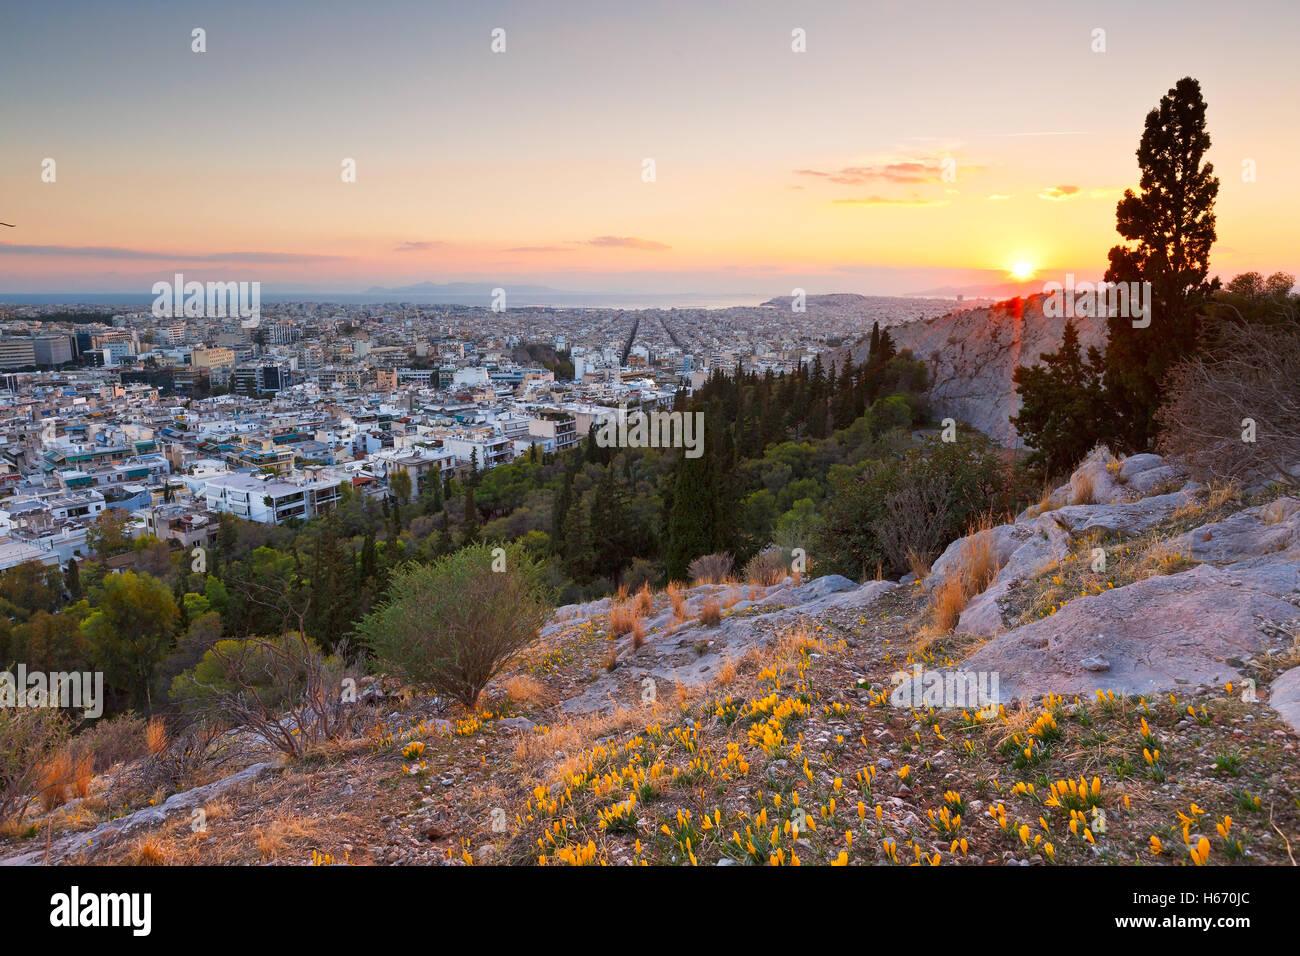 Vista del atardecer desde la colina Filopappou de Atenas, Grecia. Imagen De Stock